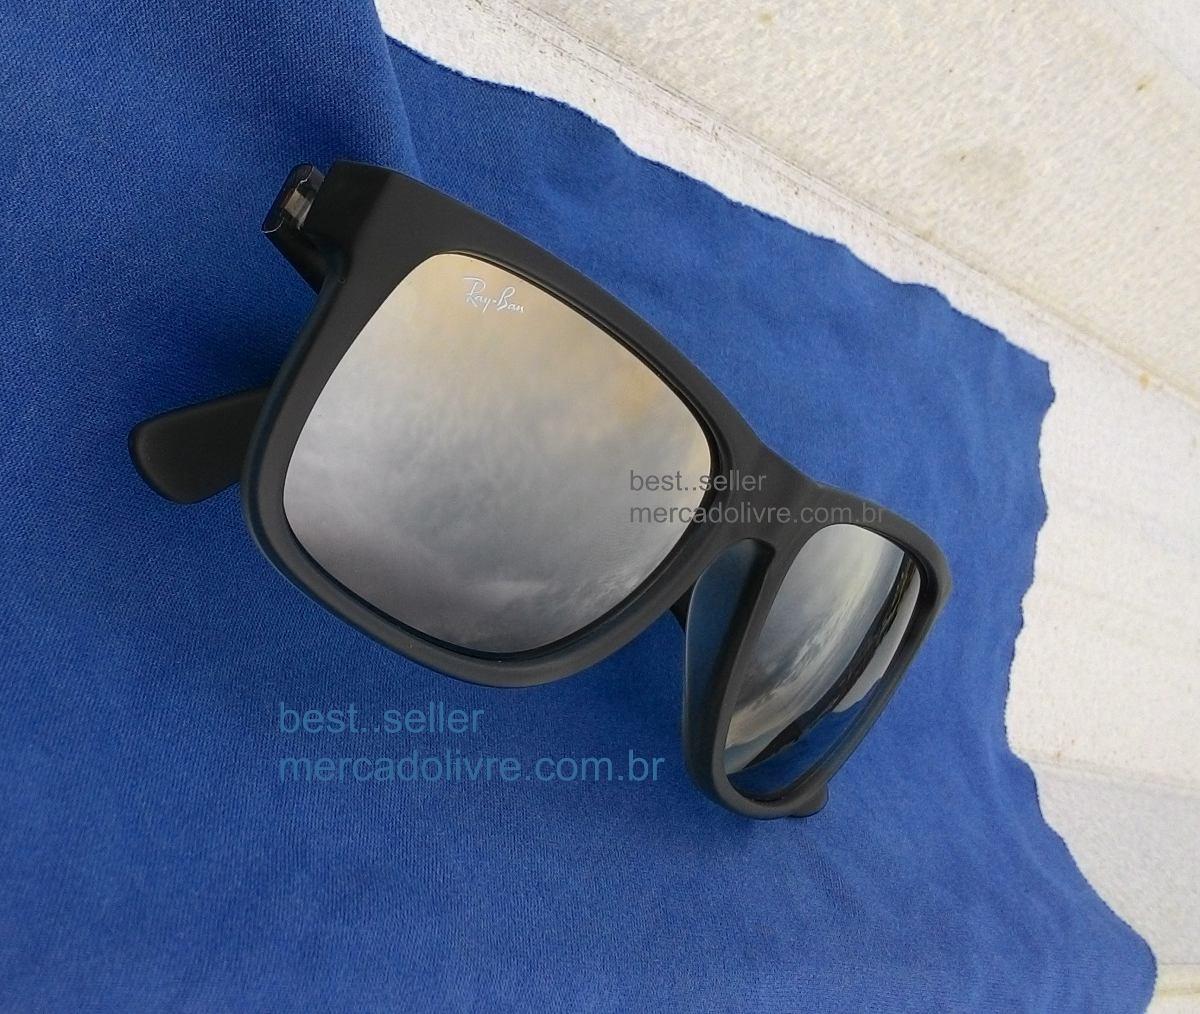 ray-ban justin 57 preto rb4165 622 6g fosco espelhado 4165. Carregando zoom. 845f099c5d